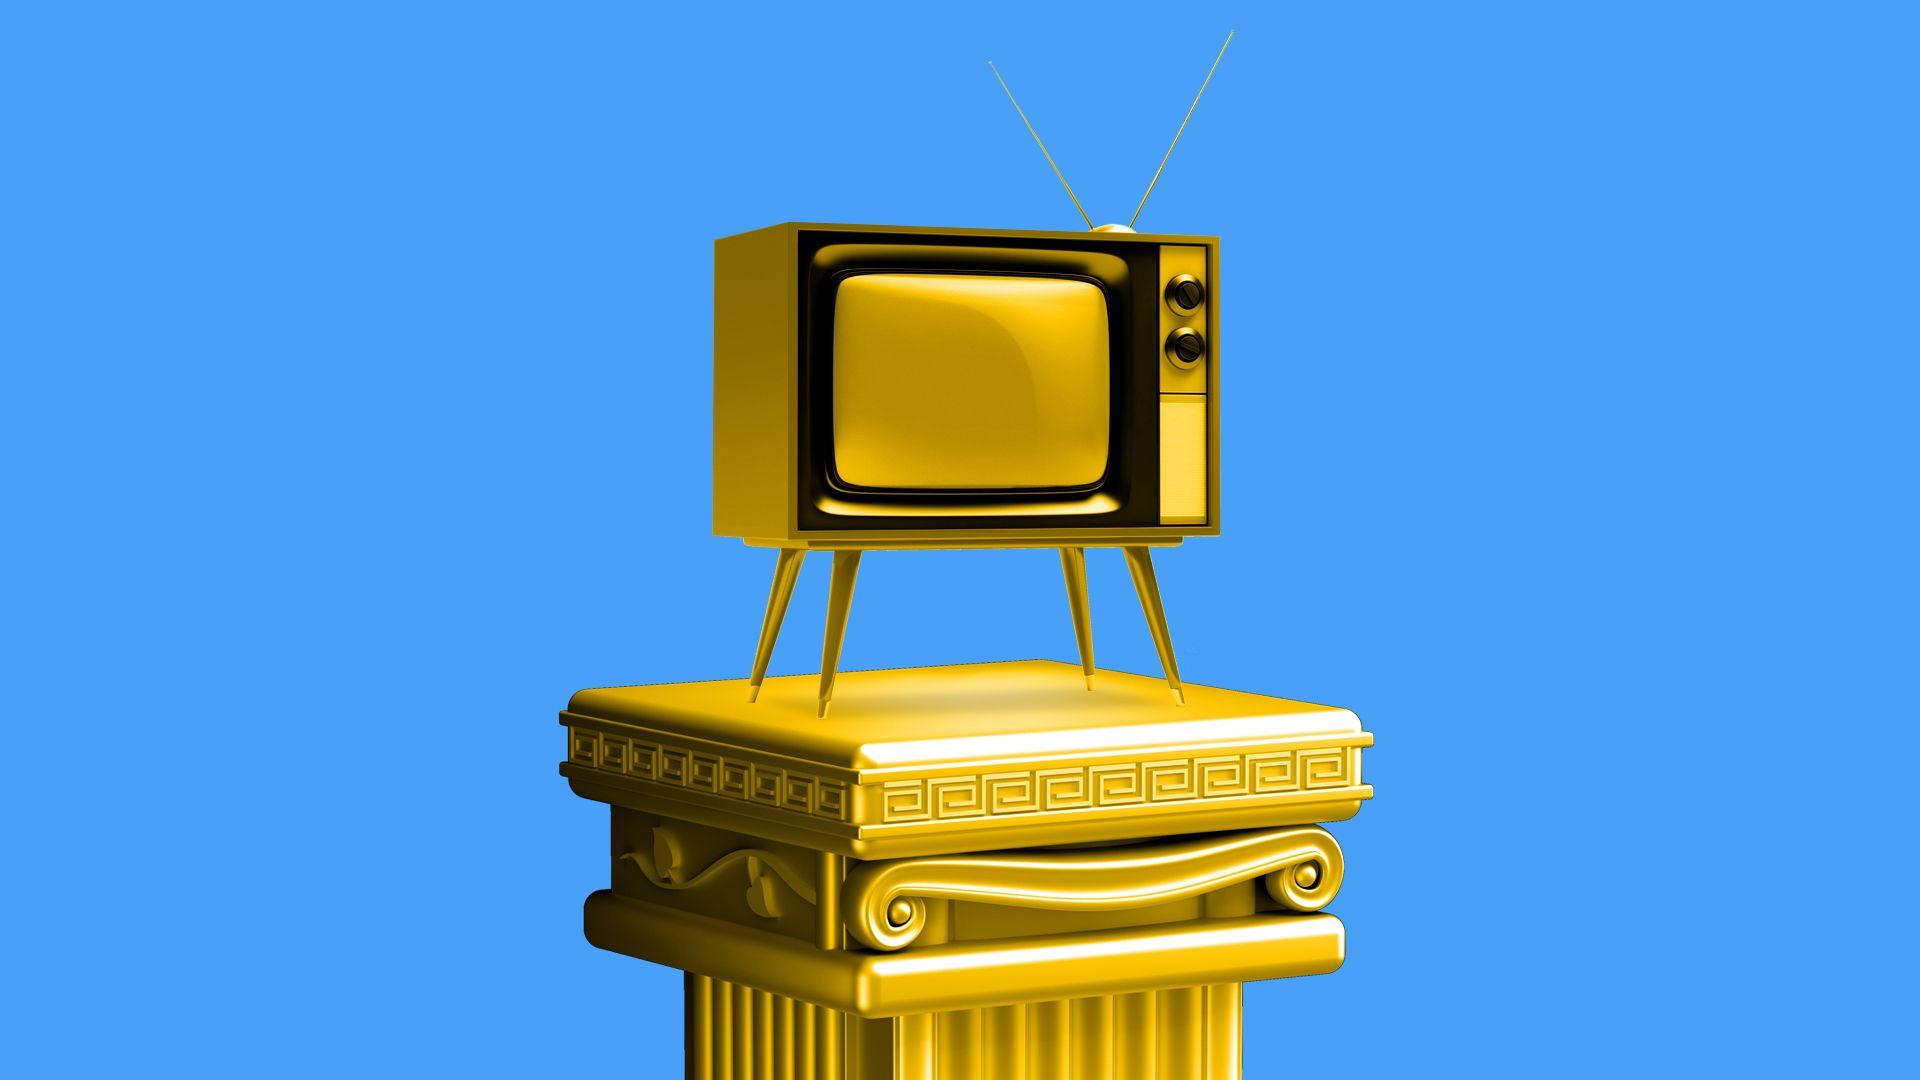 Illustration of golden television on top of pedestal